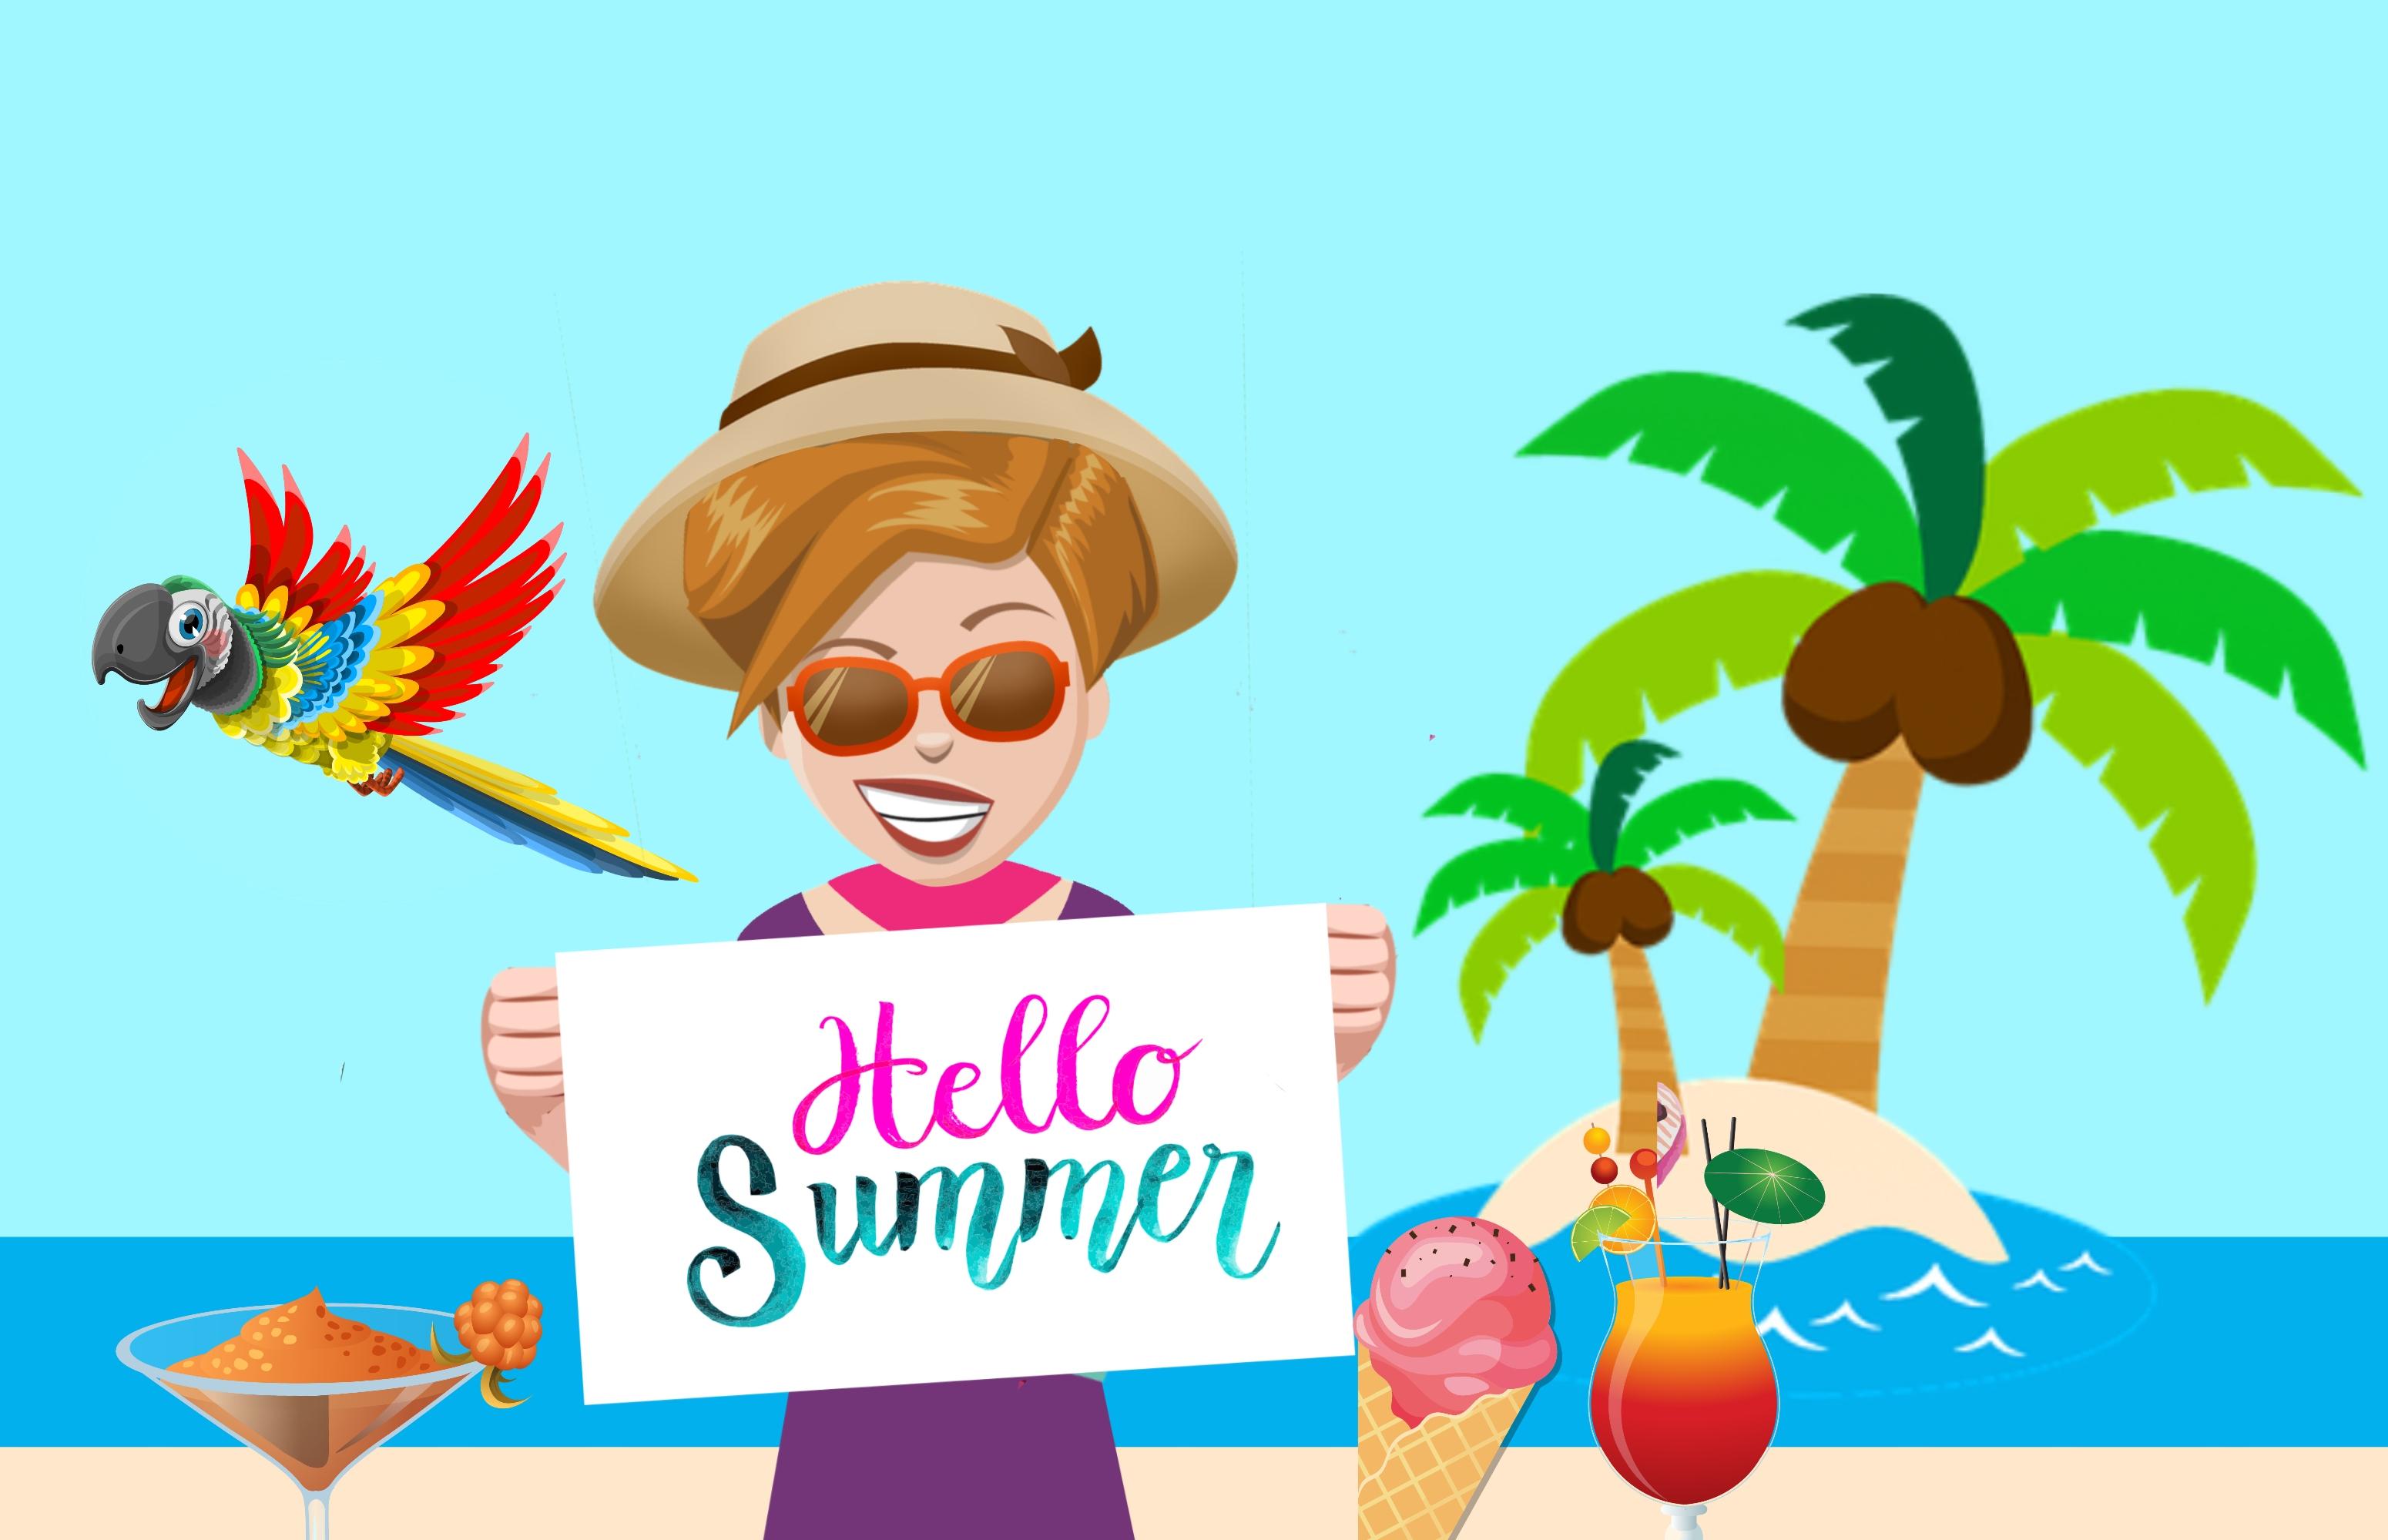 7c2aeb2f2 ... pláž, slnečné okuliare, cestovanie, odpočíva, klobúk, neba, slnenie,  letovisko, karikatúra, ilustrácie, šťastný, klipartov, rastlina, grafický  dizajn, ...